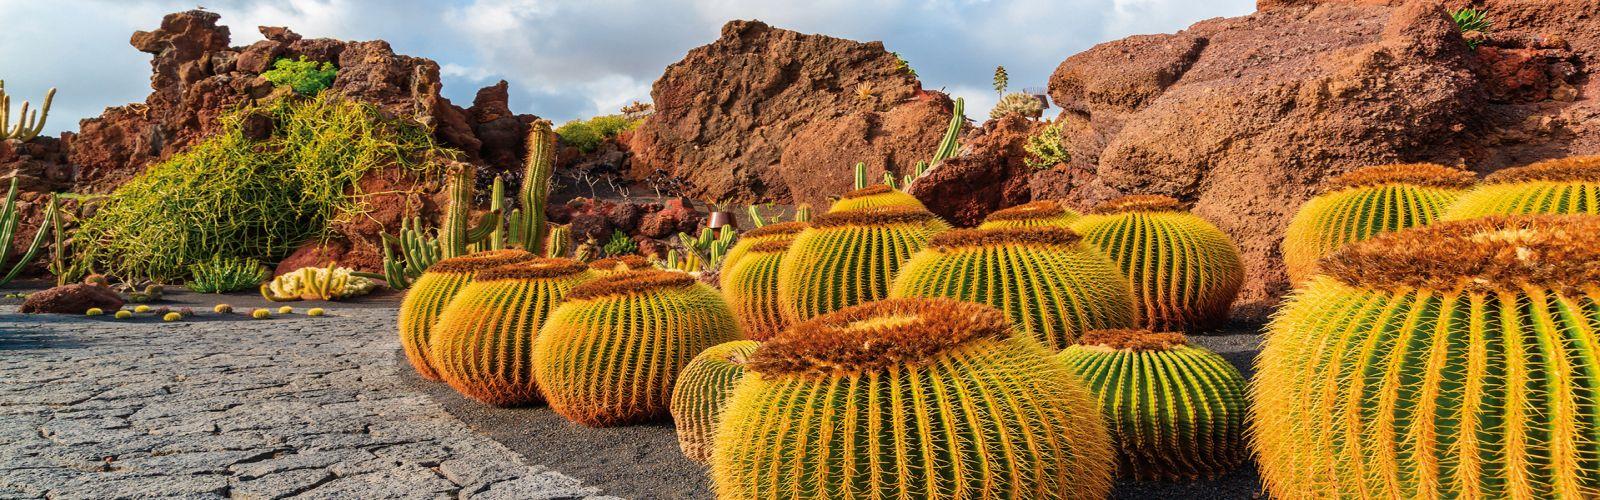 kaktusy pěstování kaktusů